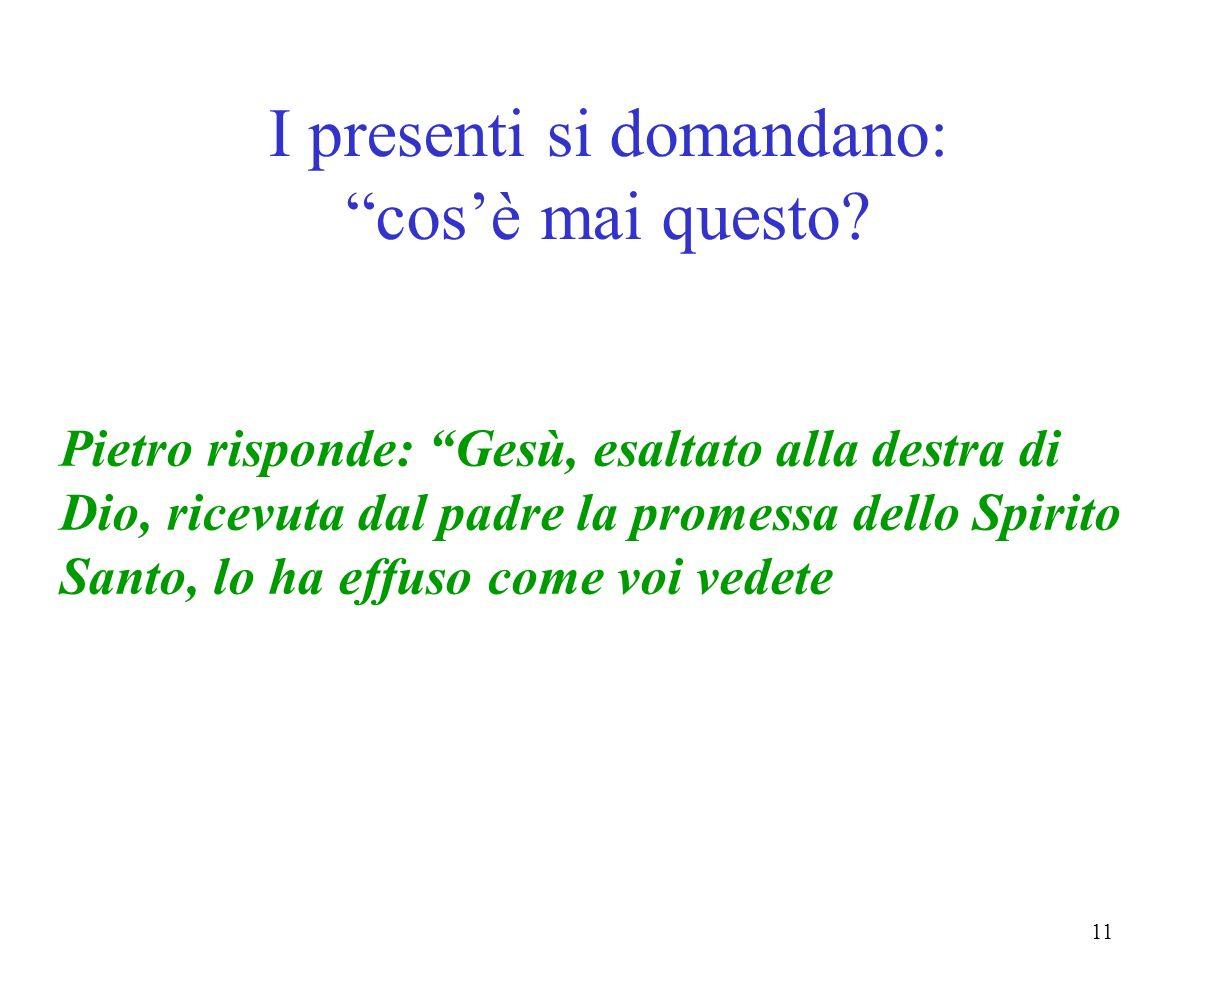 11 I presenti si domandano: cosè mai questo? Pietro risponde: Gesù, esaltato alla destra di Dio, ricevuta dal padre la promessa dello Spirito Santo, l